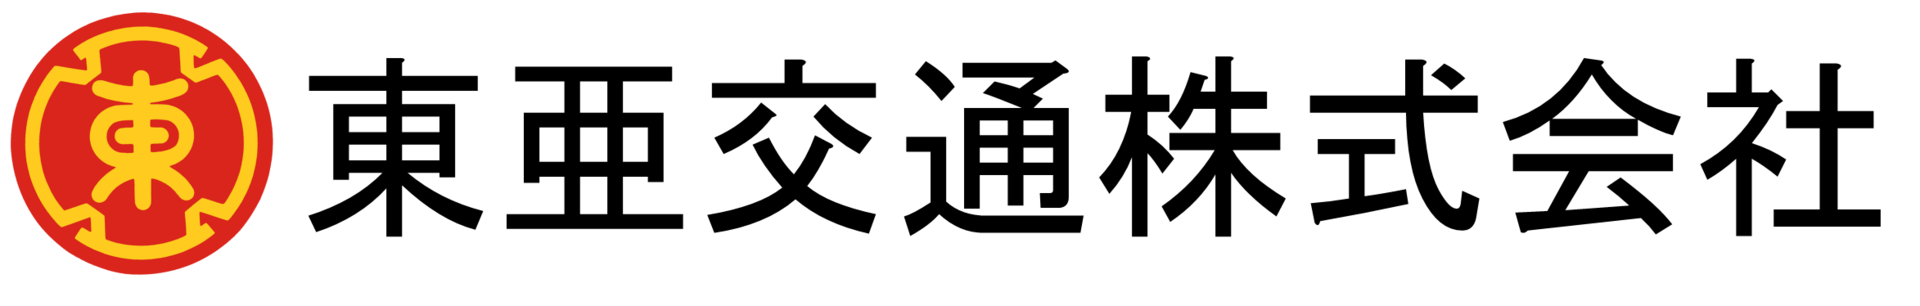 東亜交通株式会社